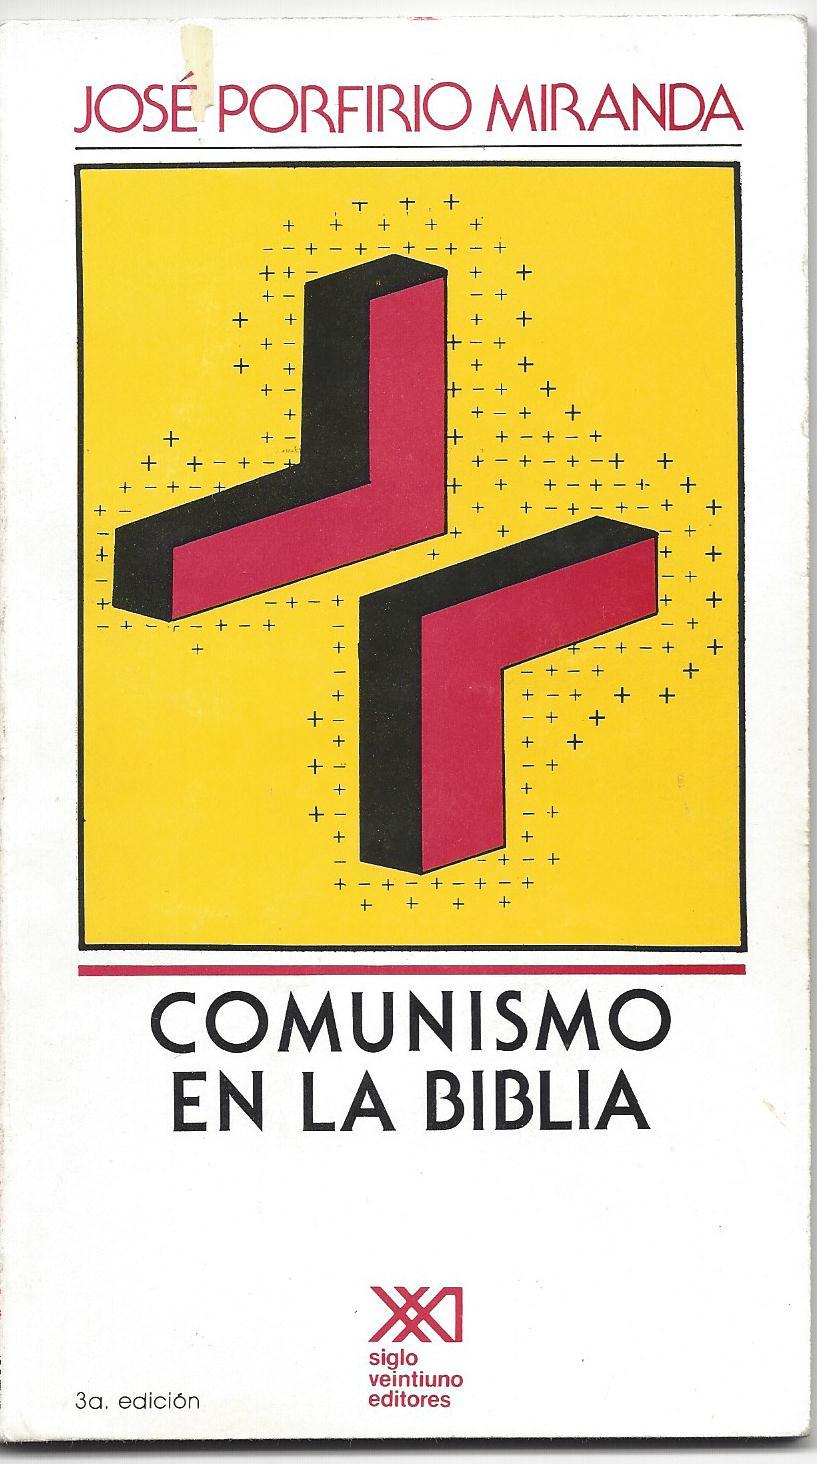 comunismo-en-la-biblia